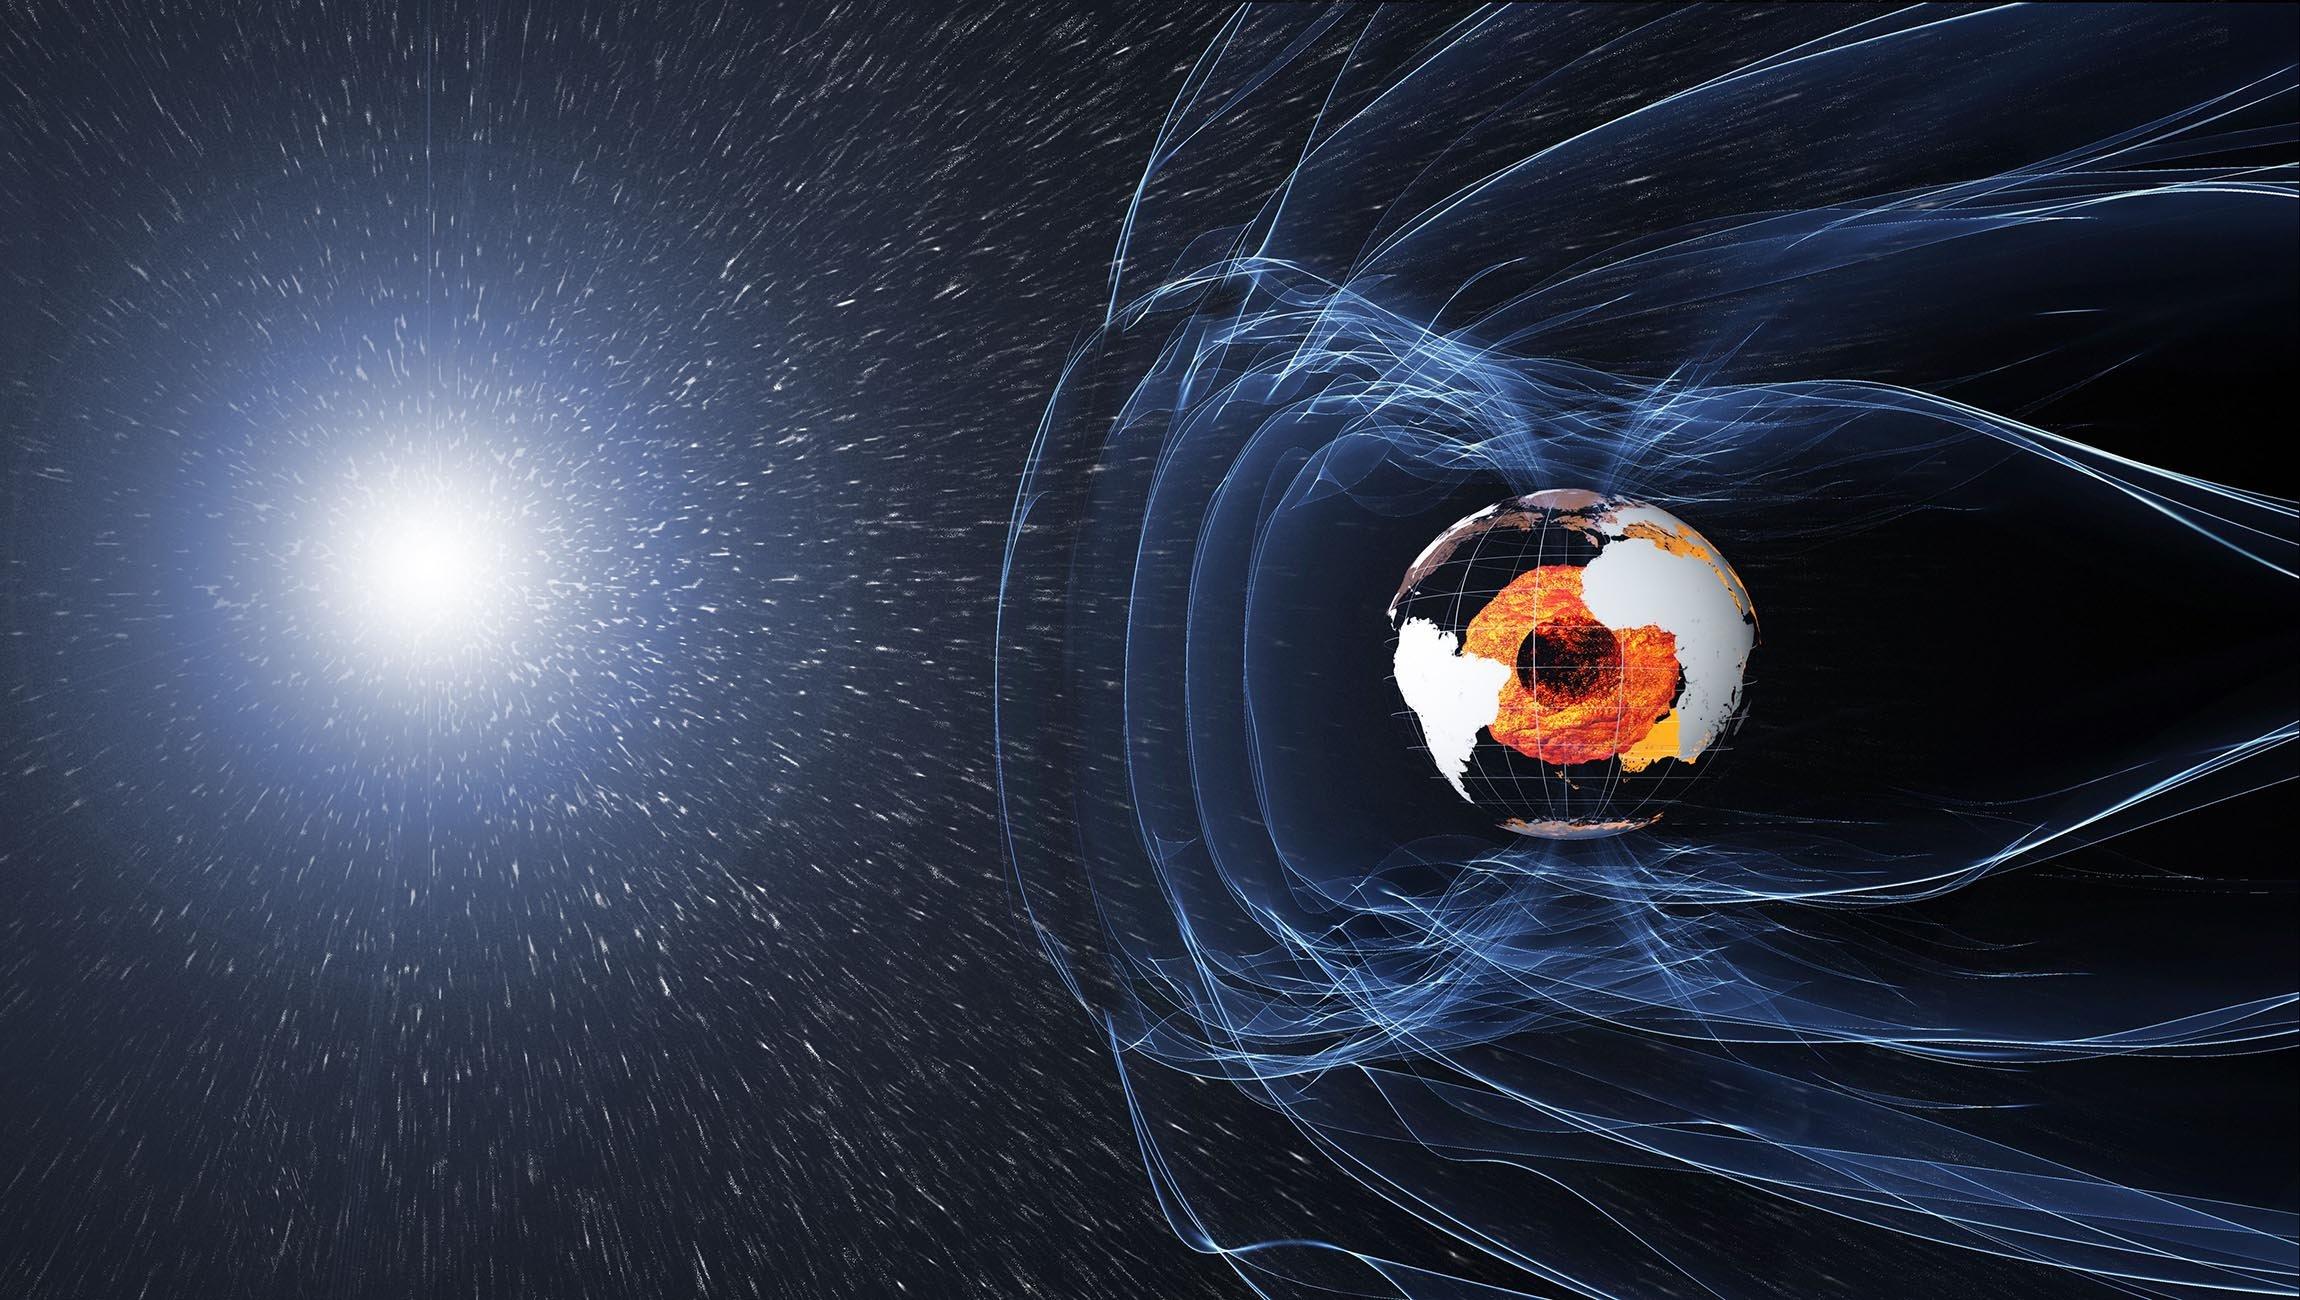 3-earthsmagnet.jpg